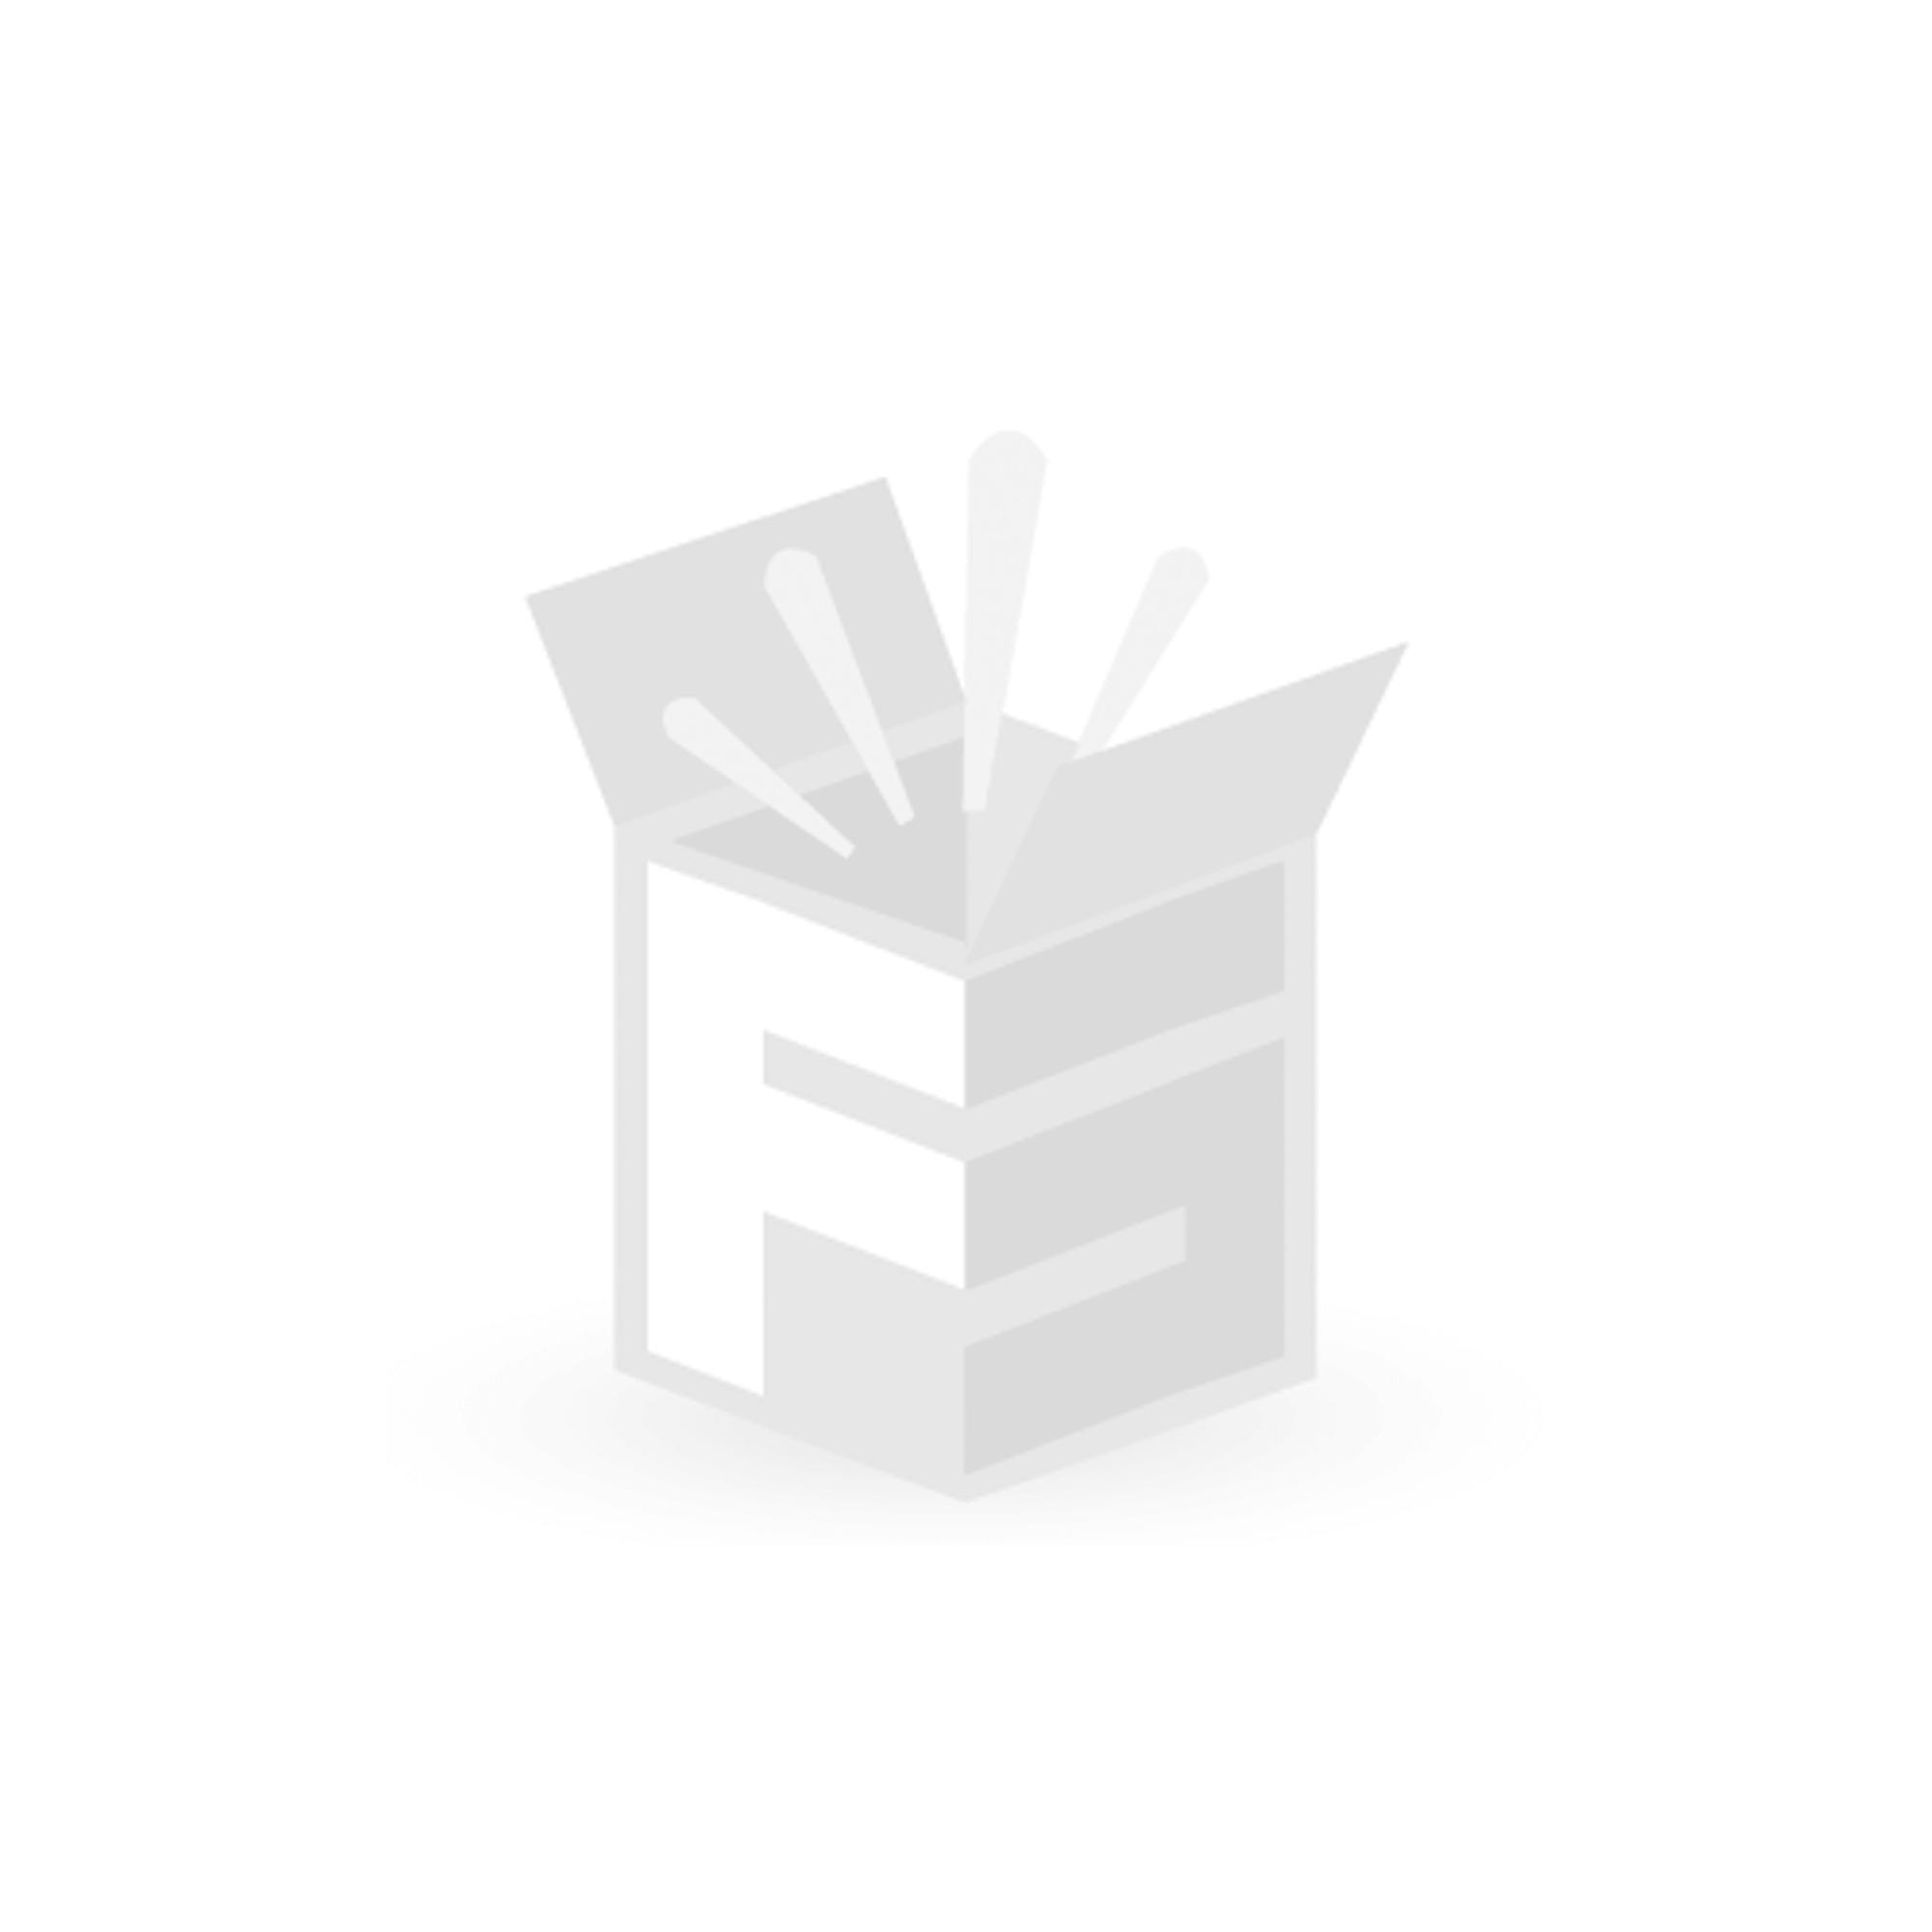 KimTec Flex Colle d'haute puissance PREMIUM blanche